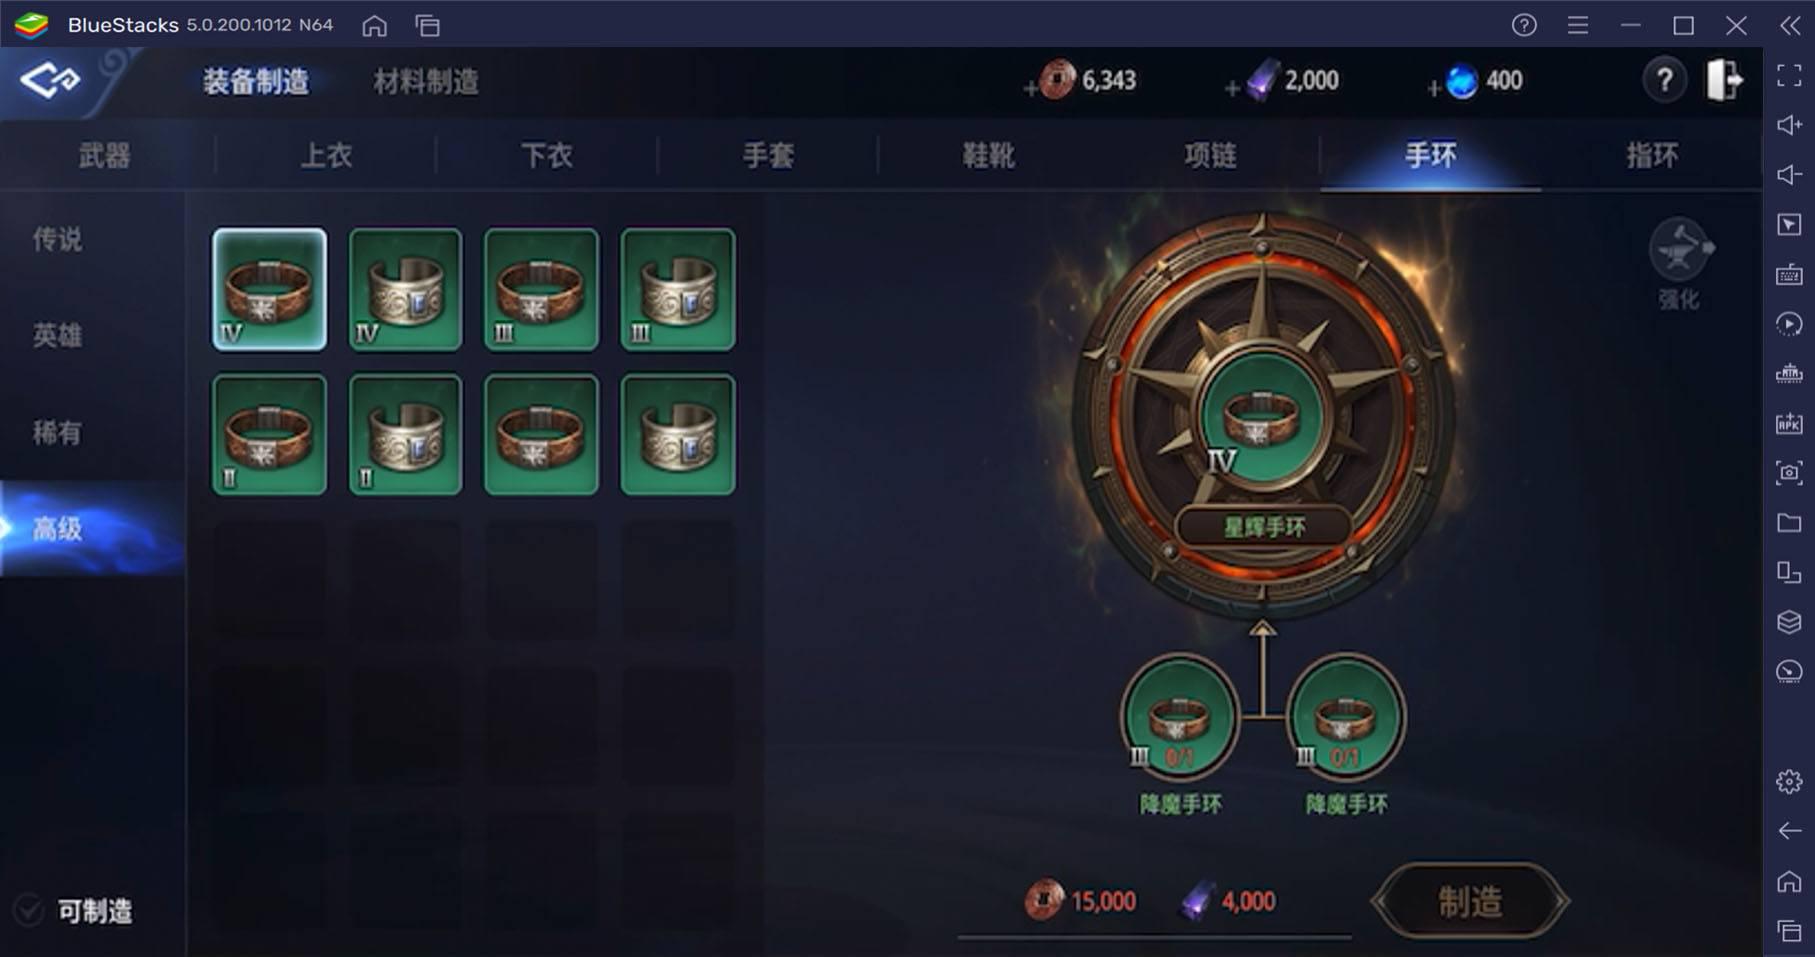 如何使用BlueStacks在電腦上玩手遊《MIR4 (傳奇4)》